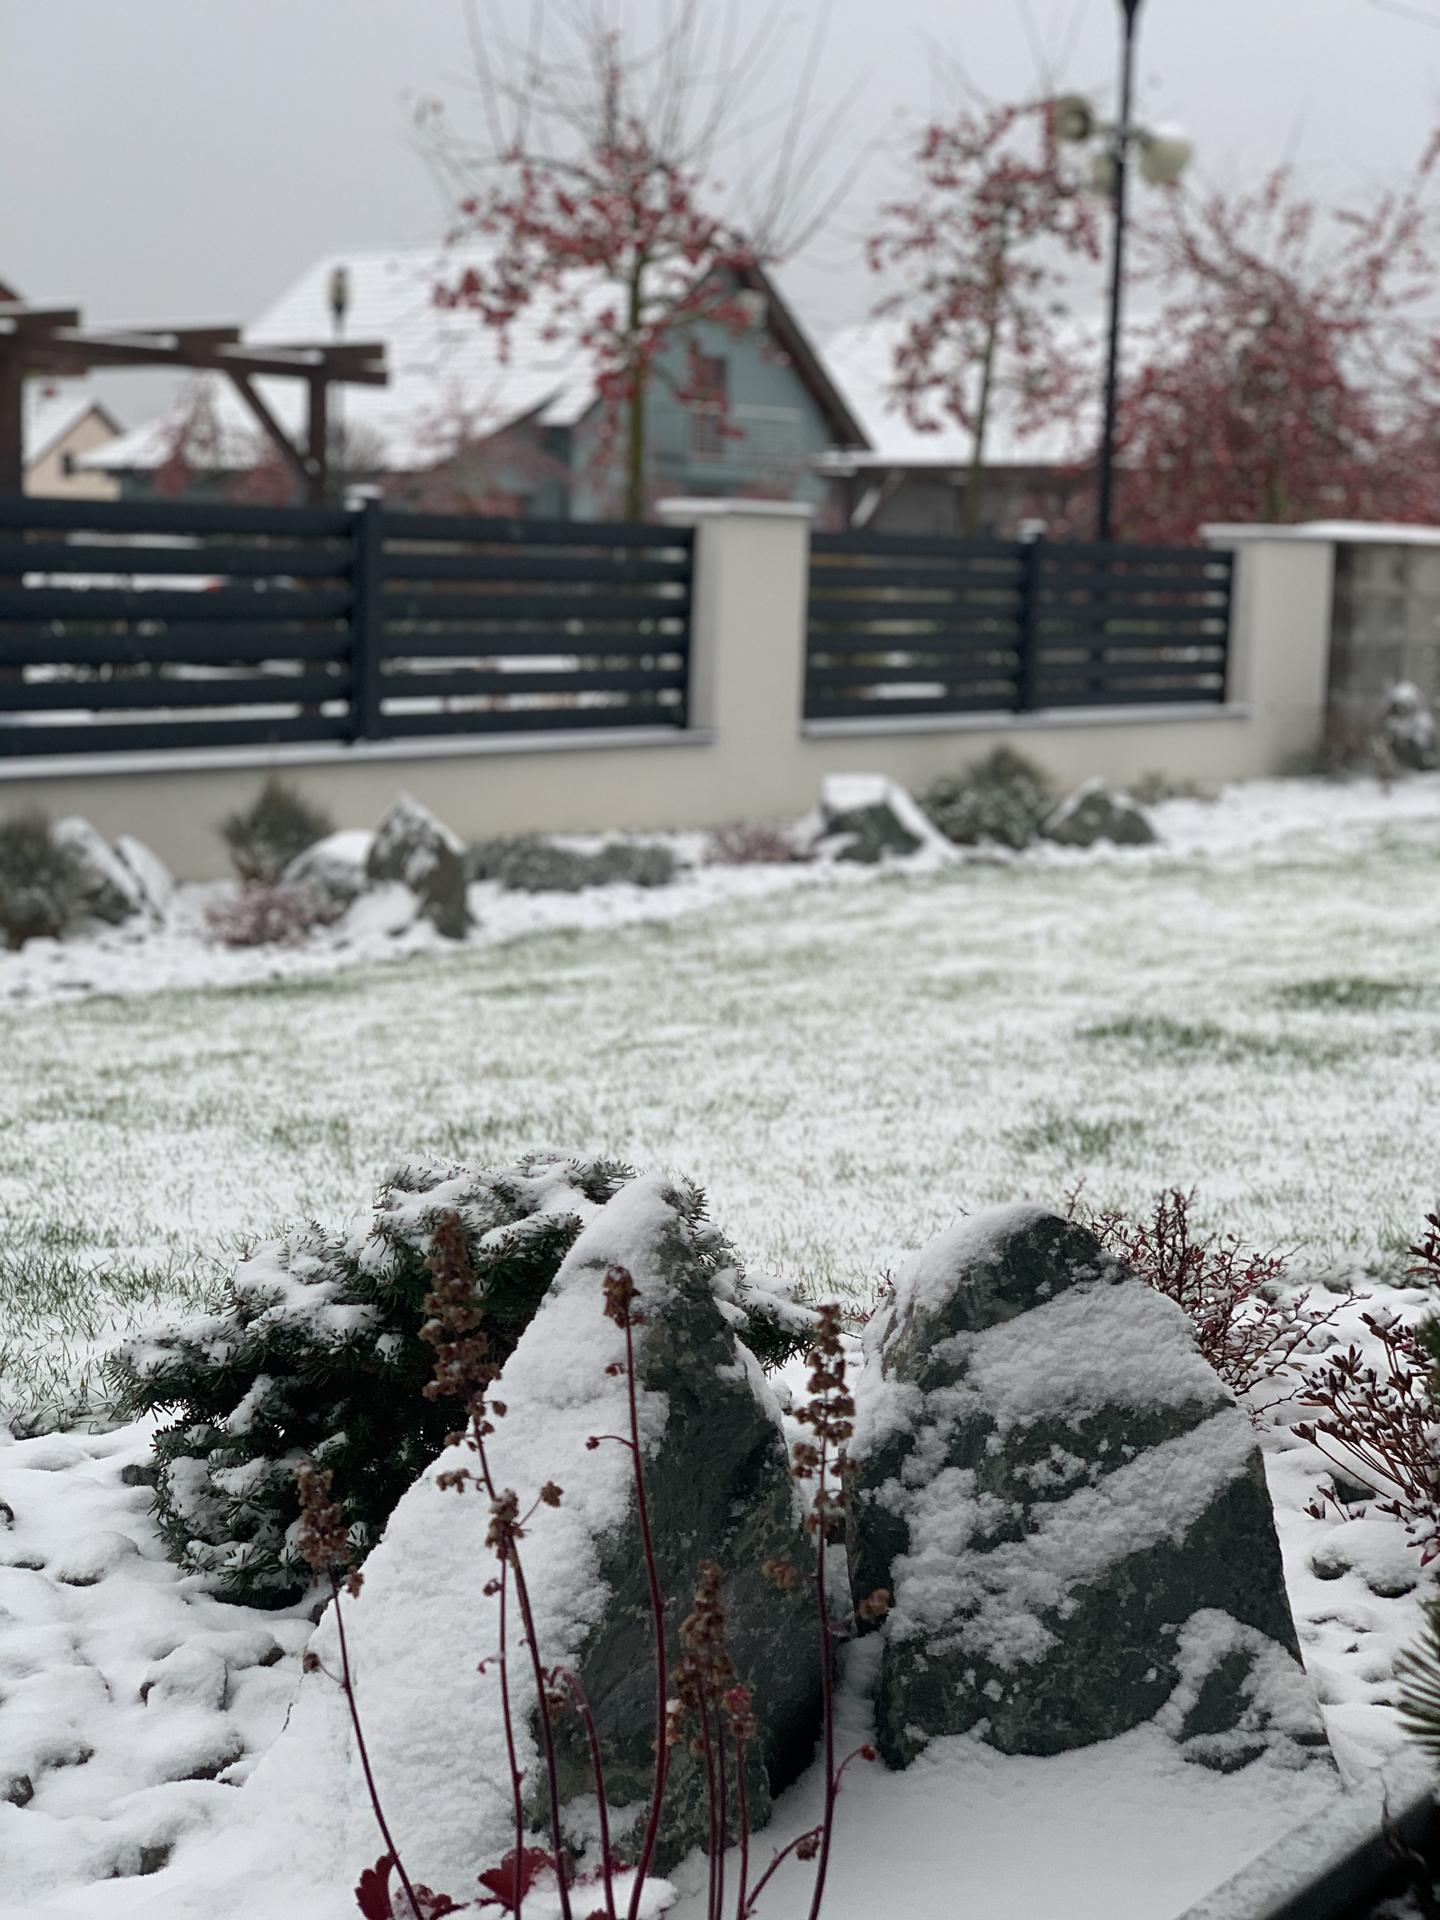 Ať je sníh i na vánoce :-) - Obrázek č. 1